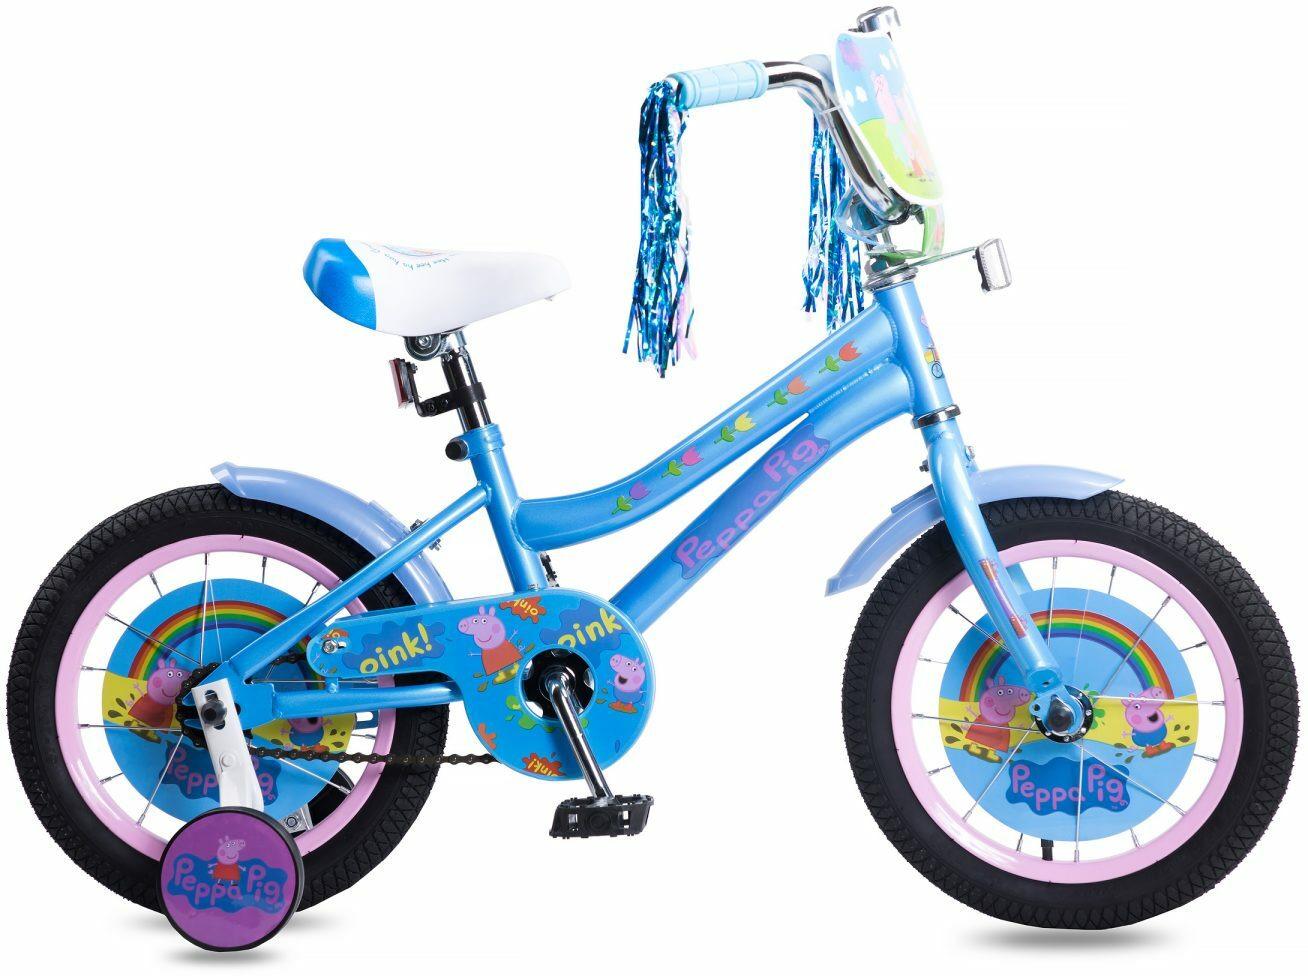 Велосипед детский Navigator Peppa Pig, ВН14183, голубой, розовый, колесо 14